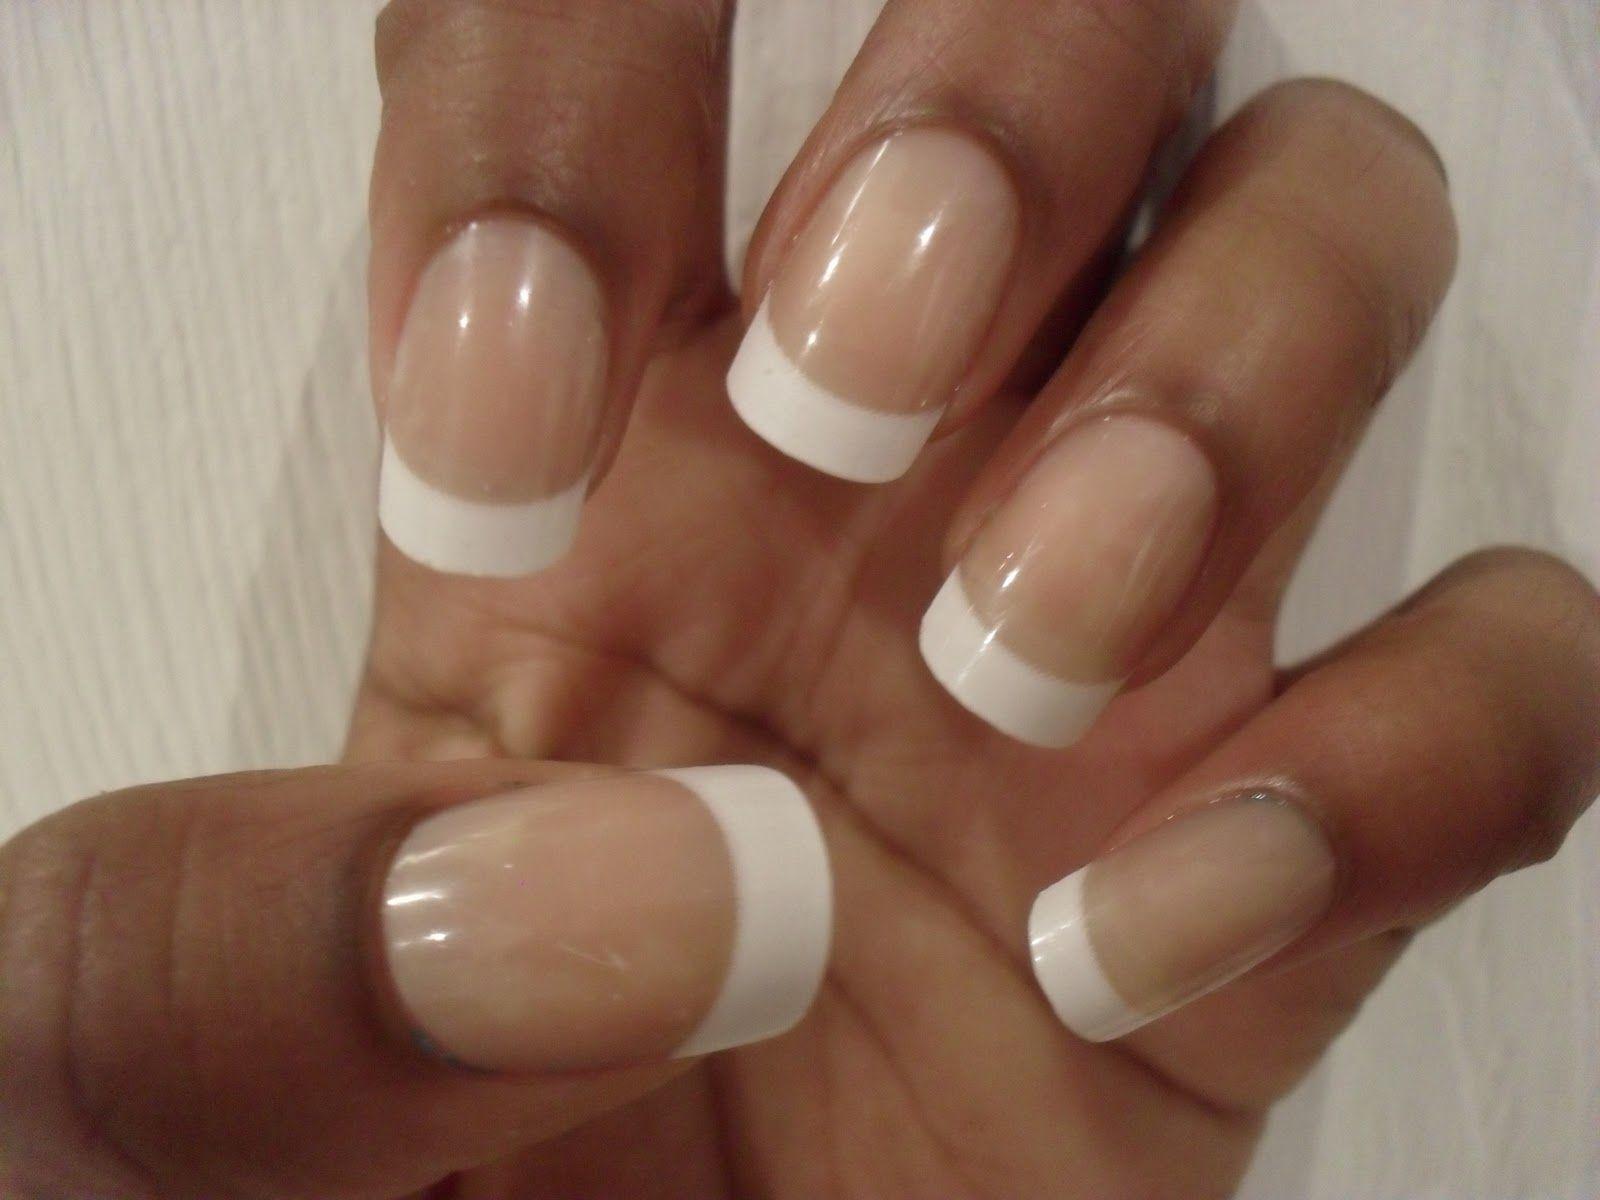 french nails long nail bed - Google Search   nails   Pinterest ...